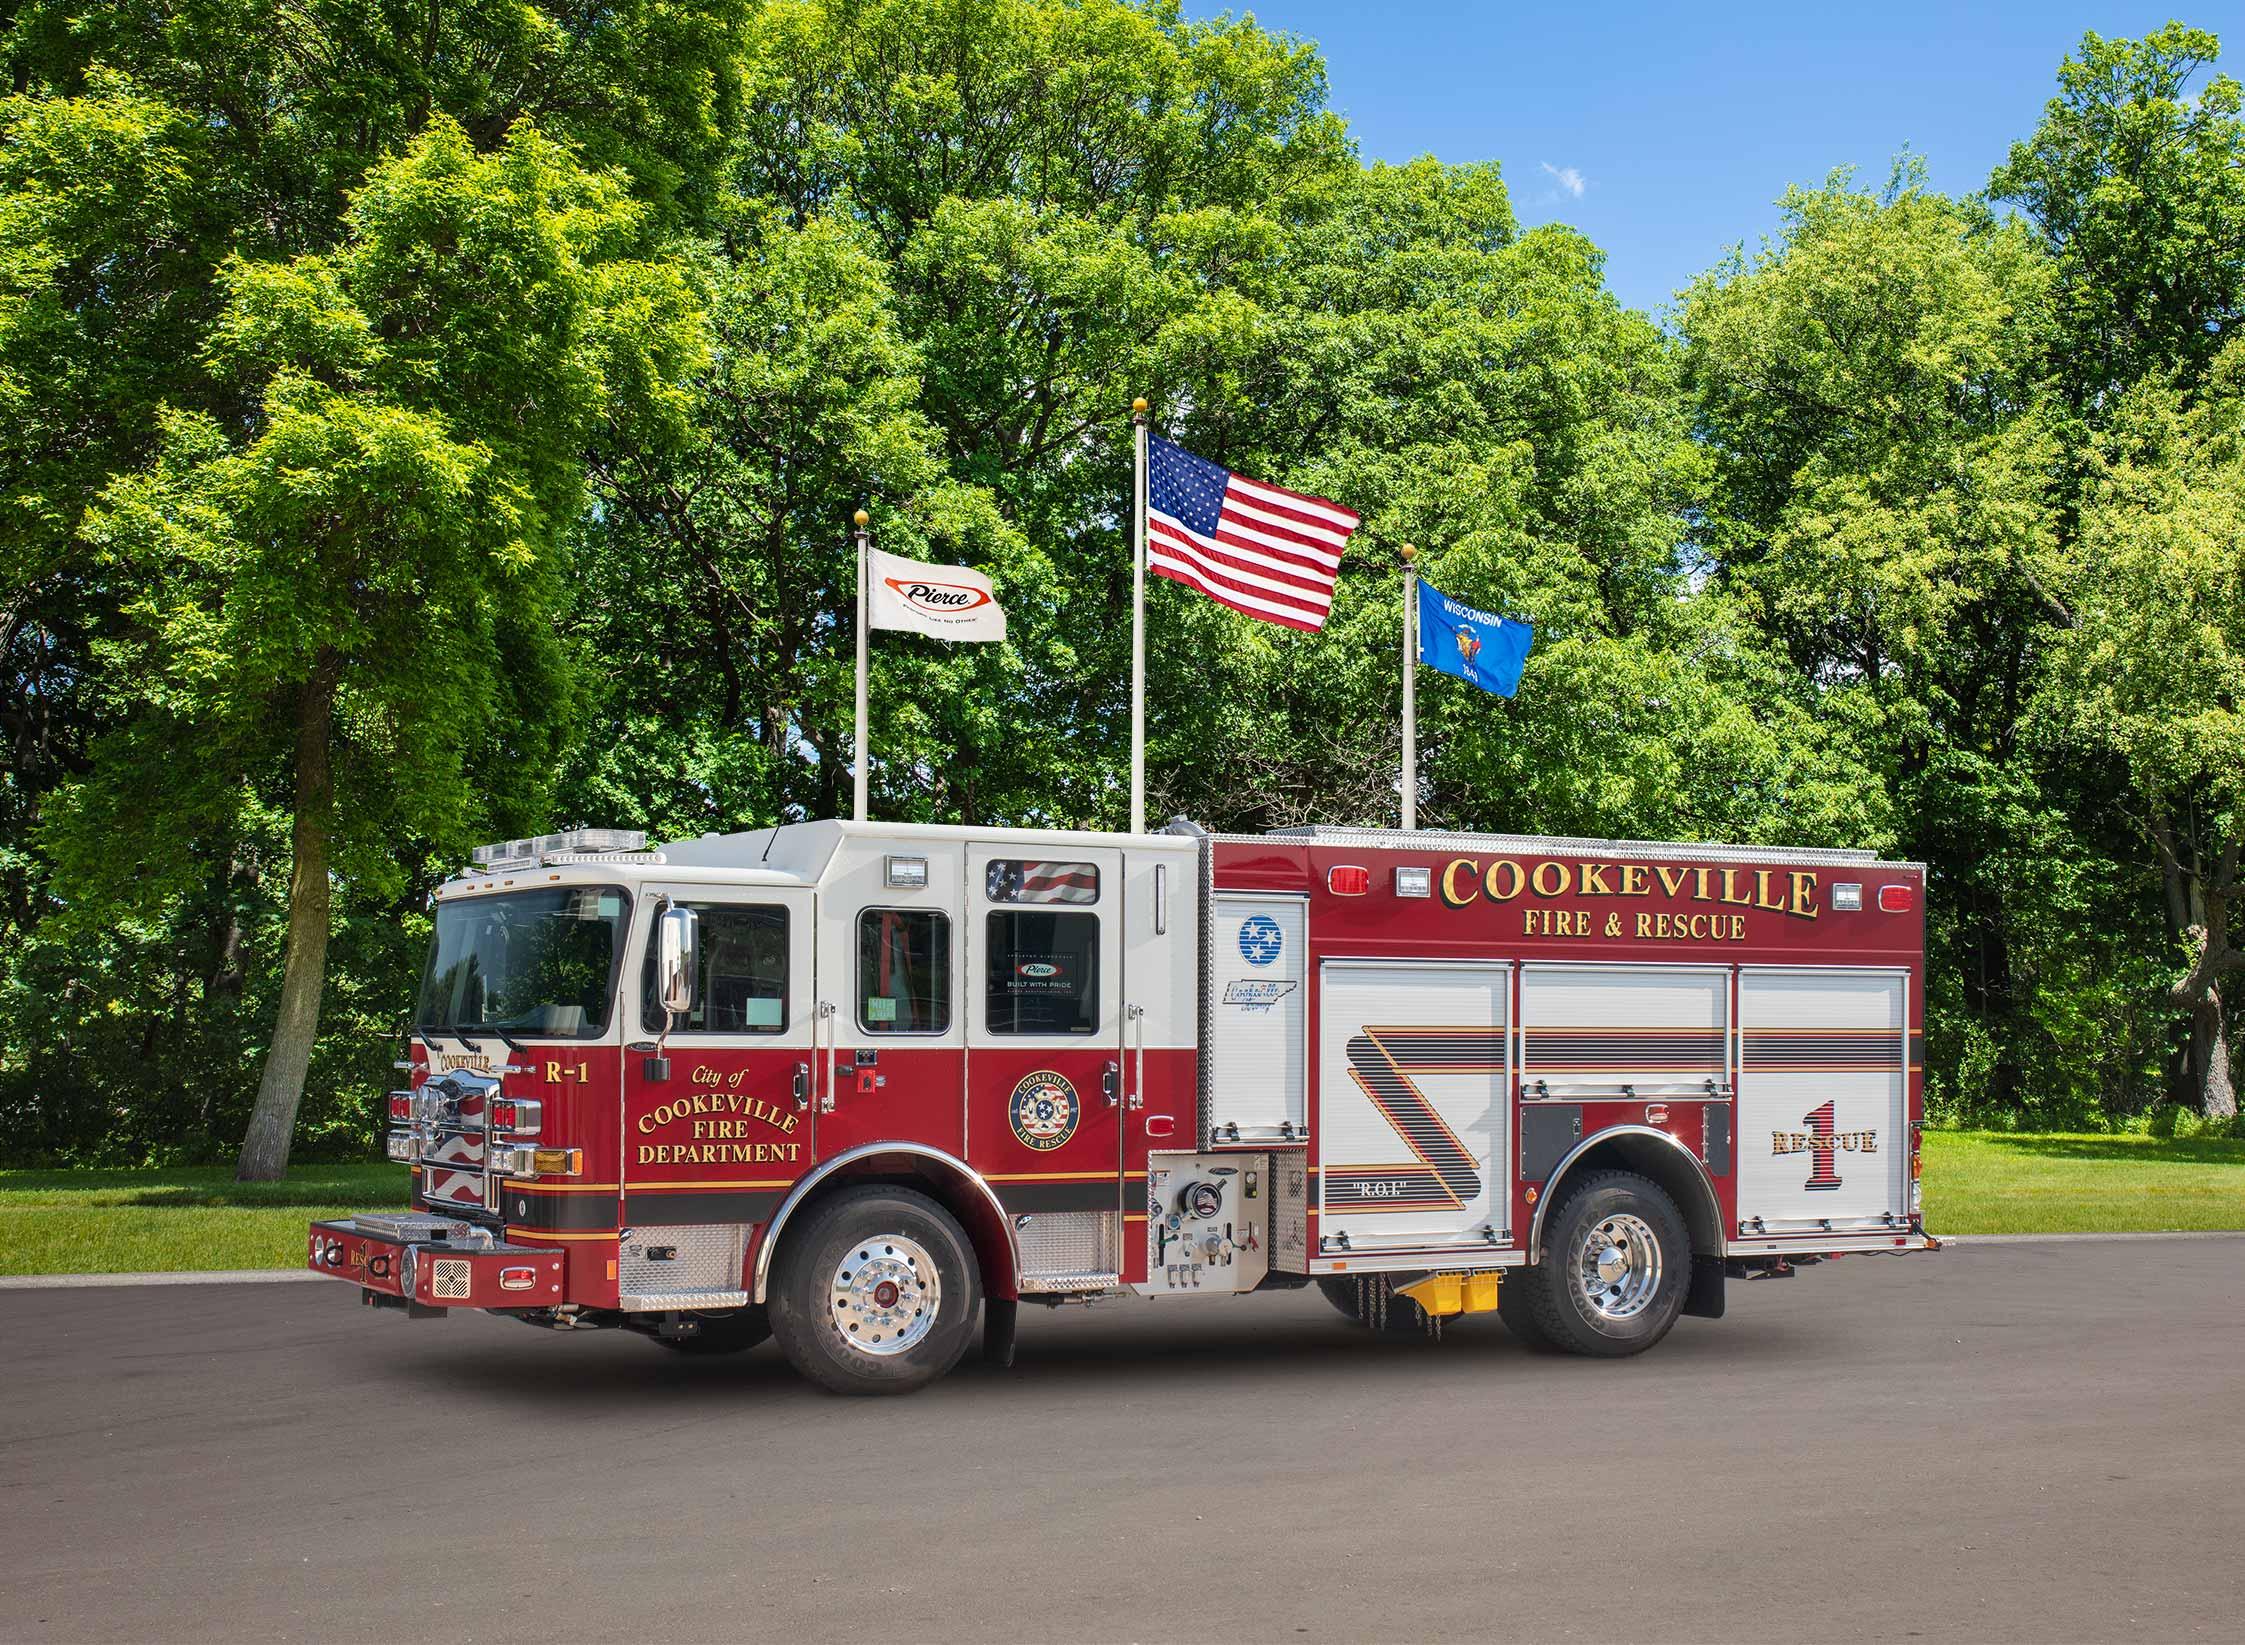 Cookeville Fire Department - Pumper